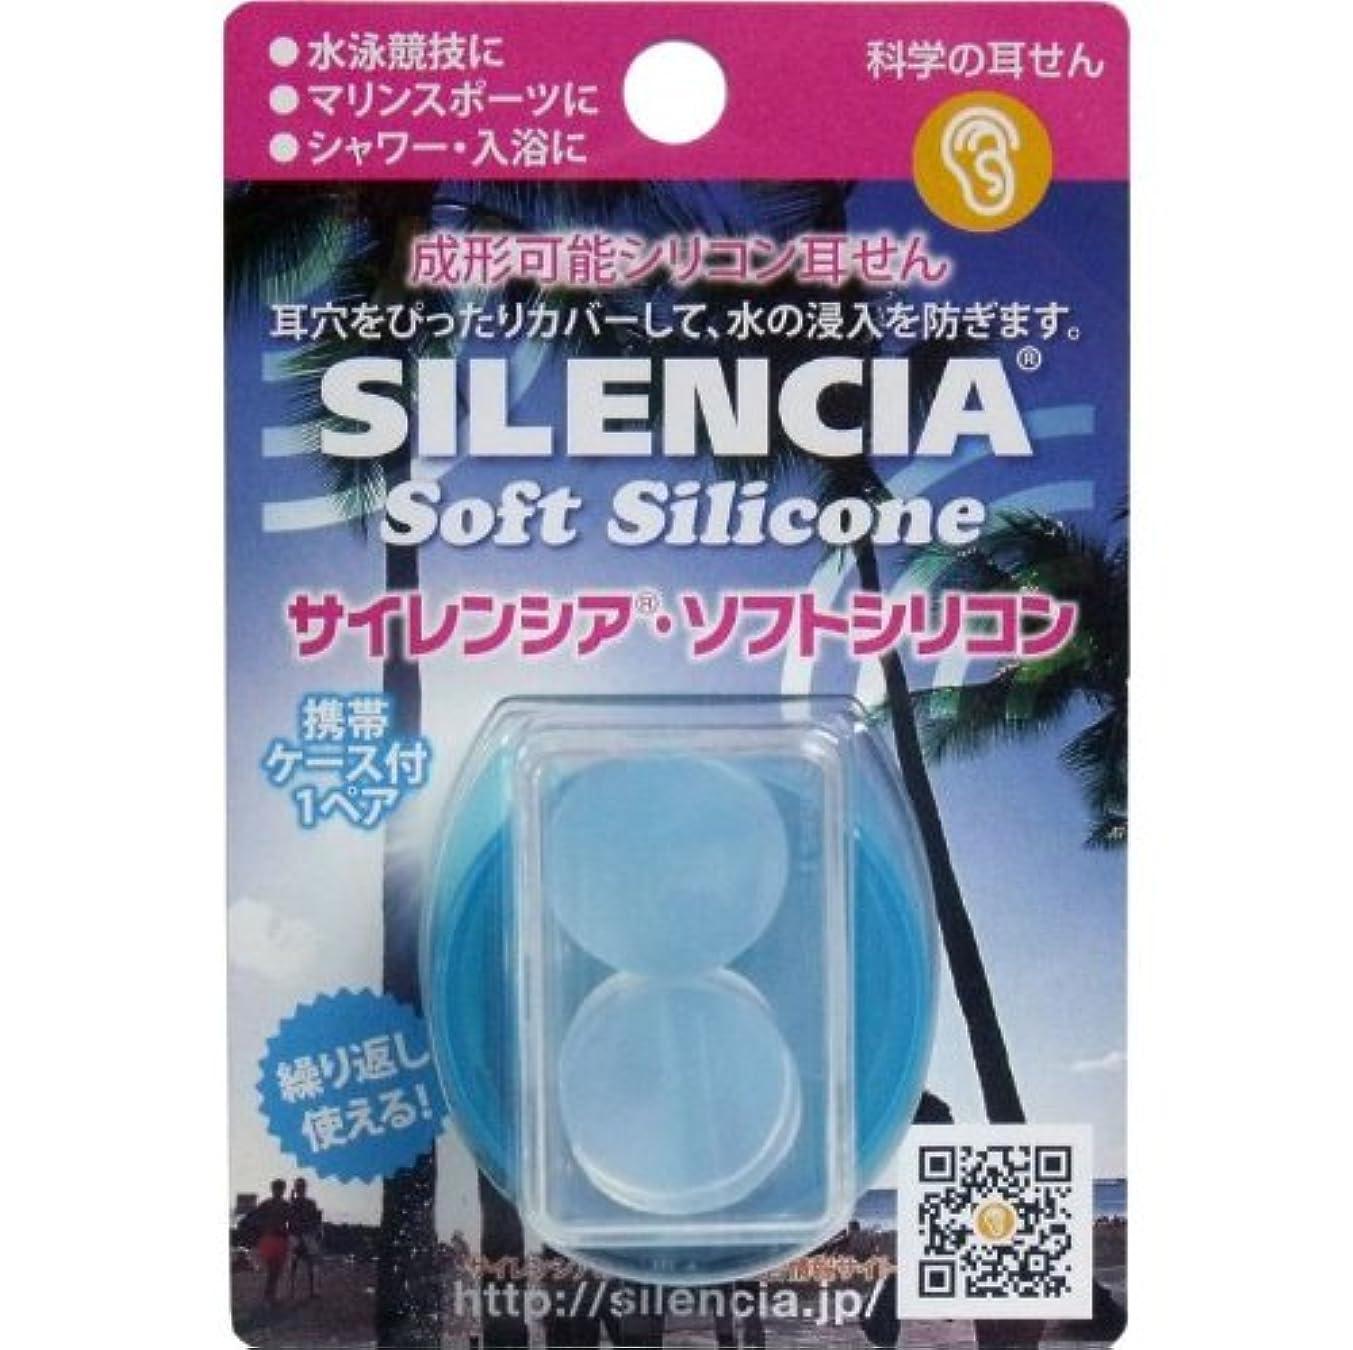 サイレンシア ソフトシリコン 携帯ケース付1ペア入